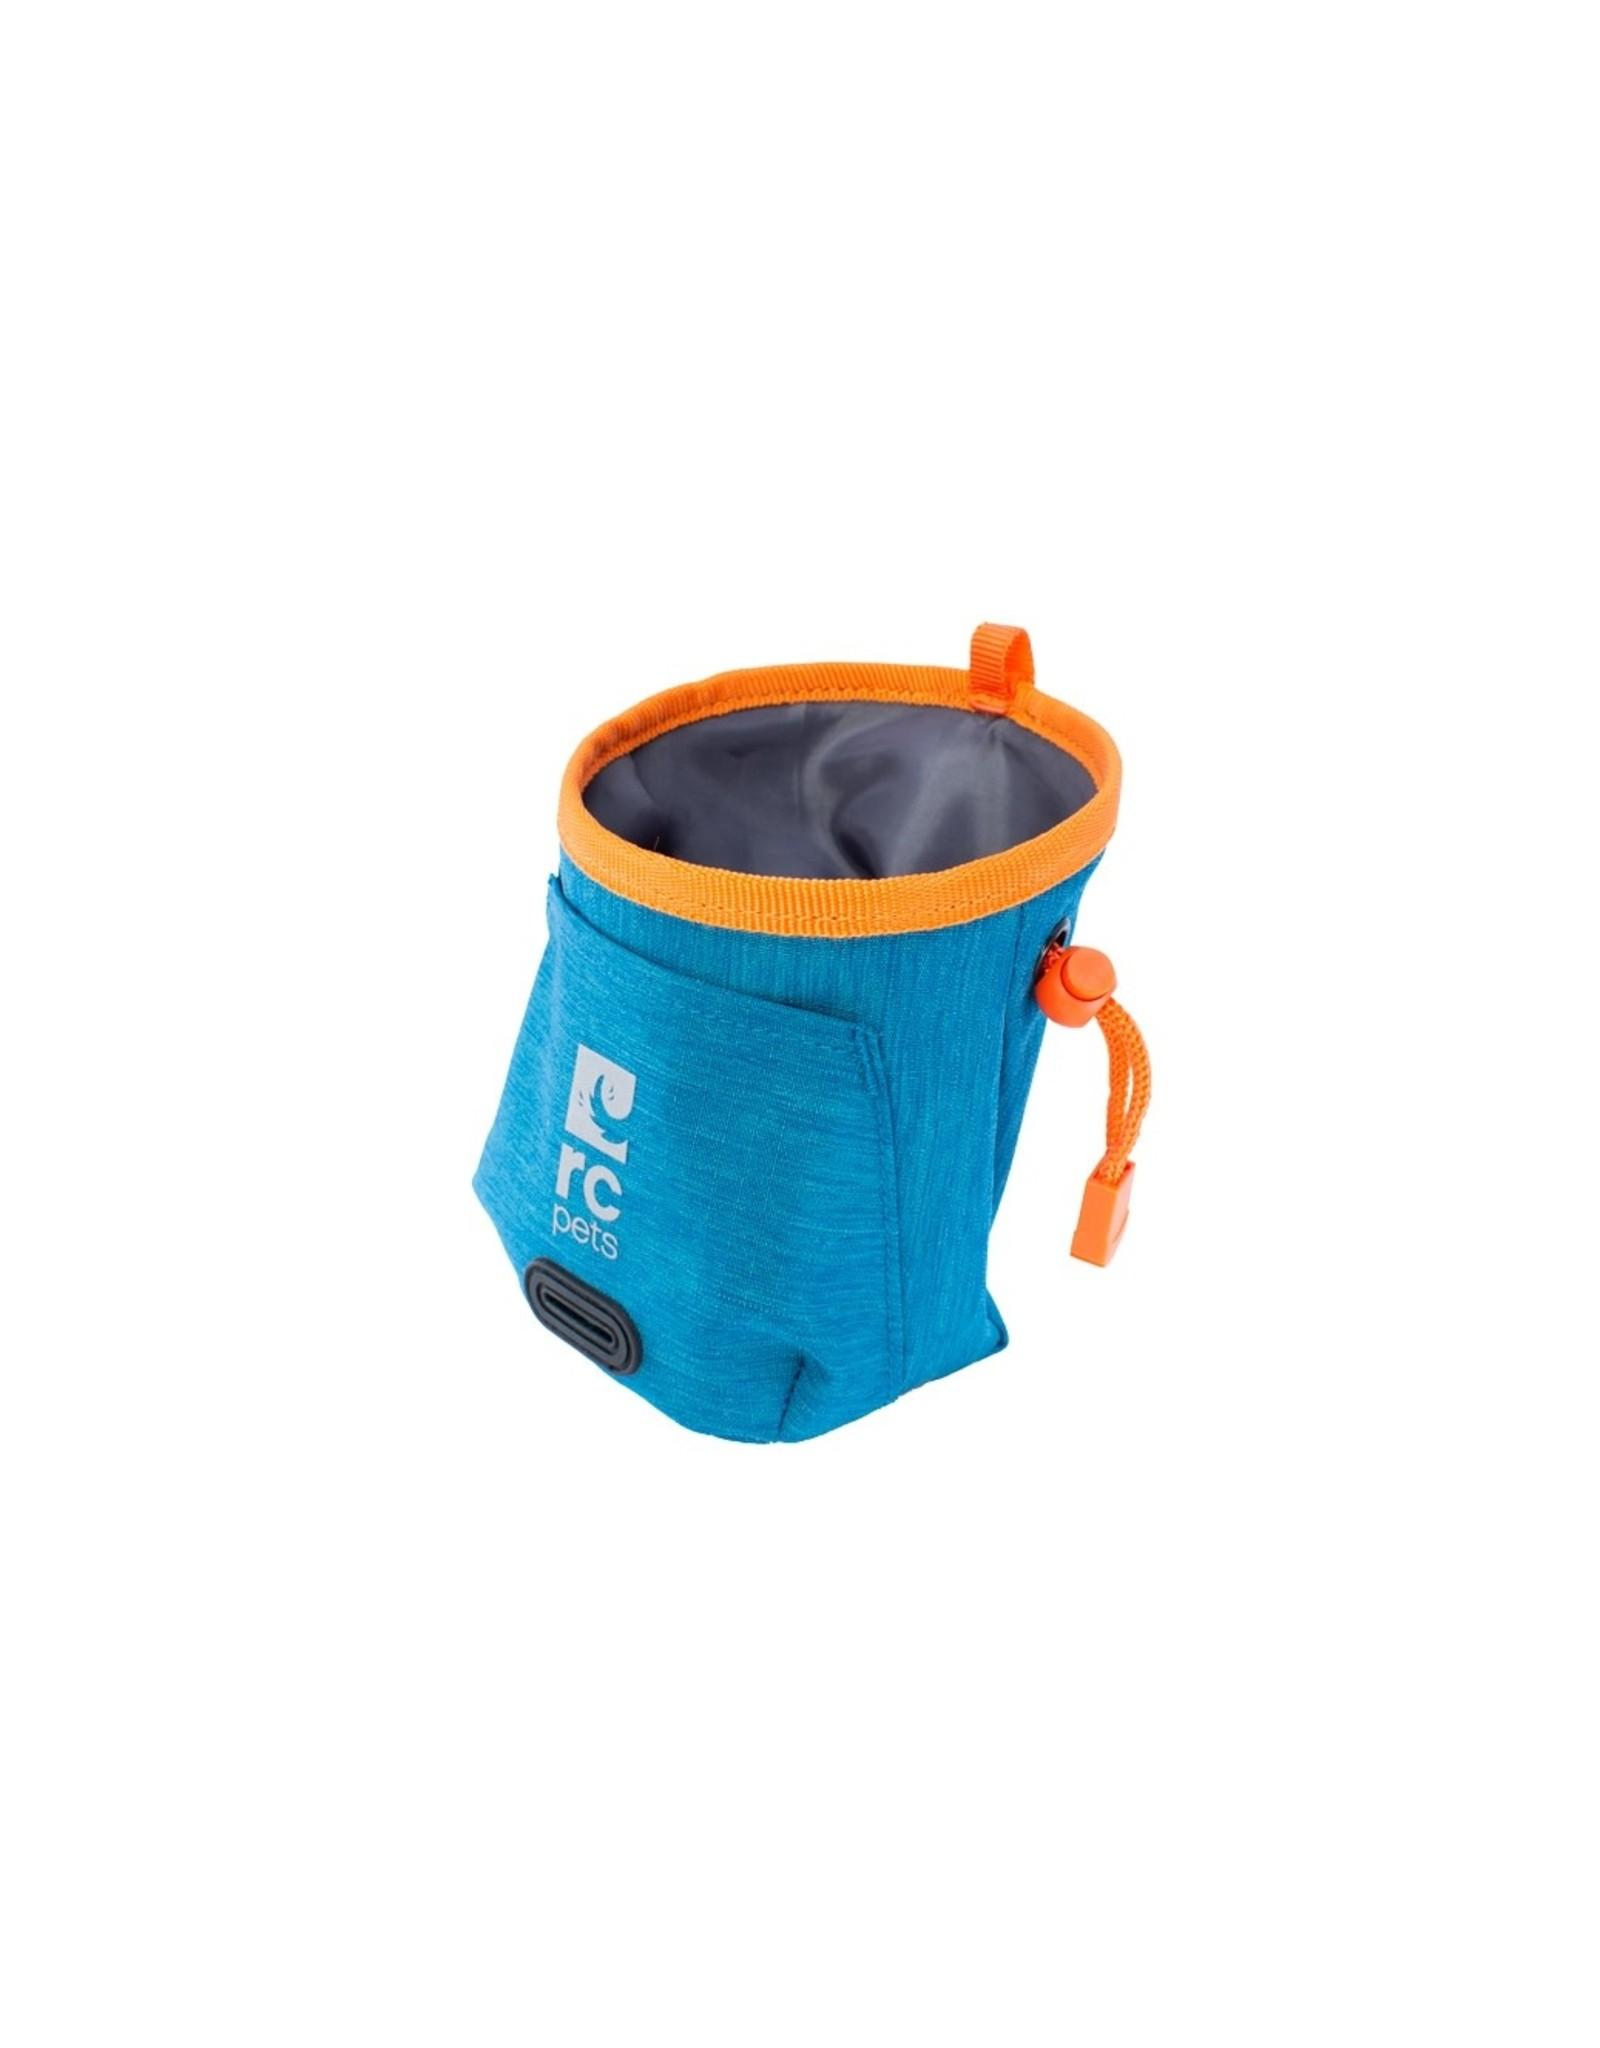 RC Pets RC Pets - Essential Treat Bag